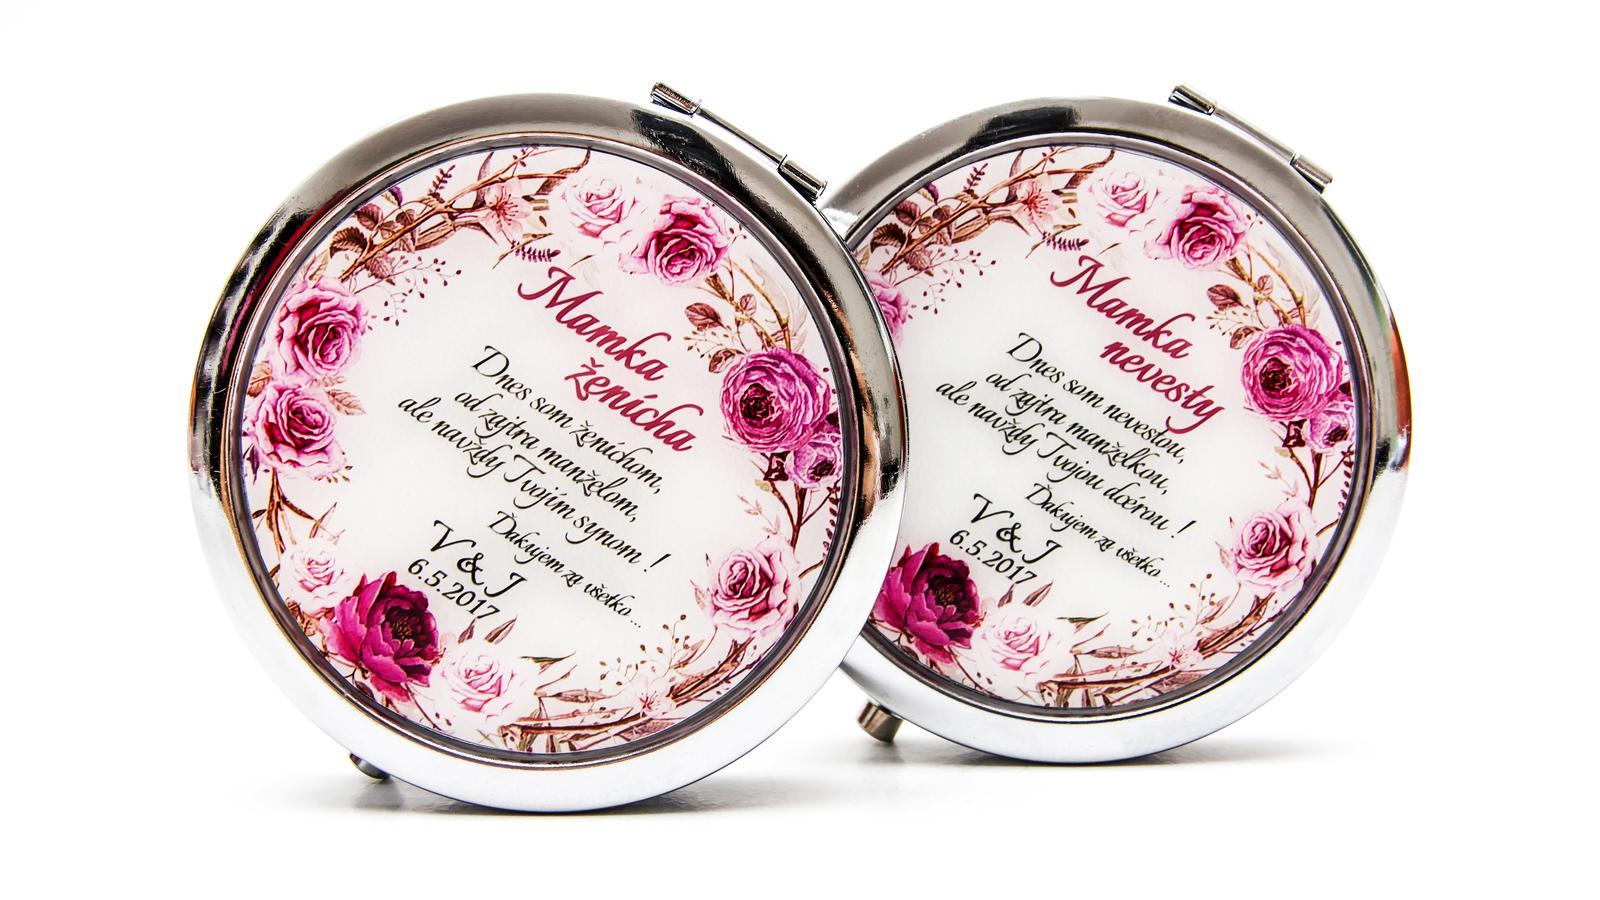 Zrkadielka na želanie - Mamka nevesty a ženícha